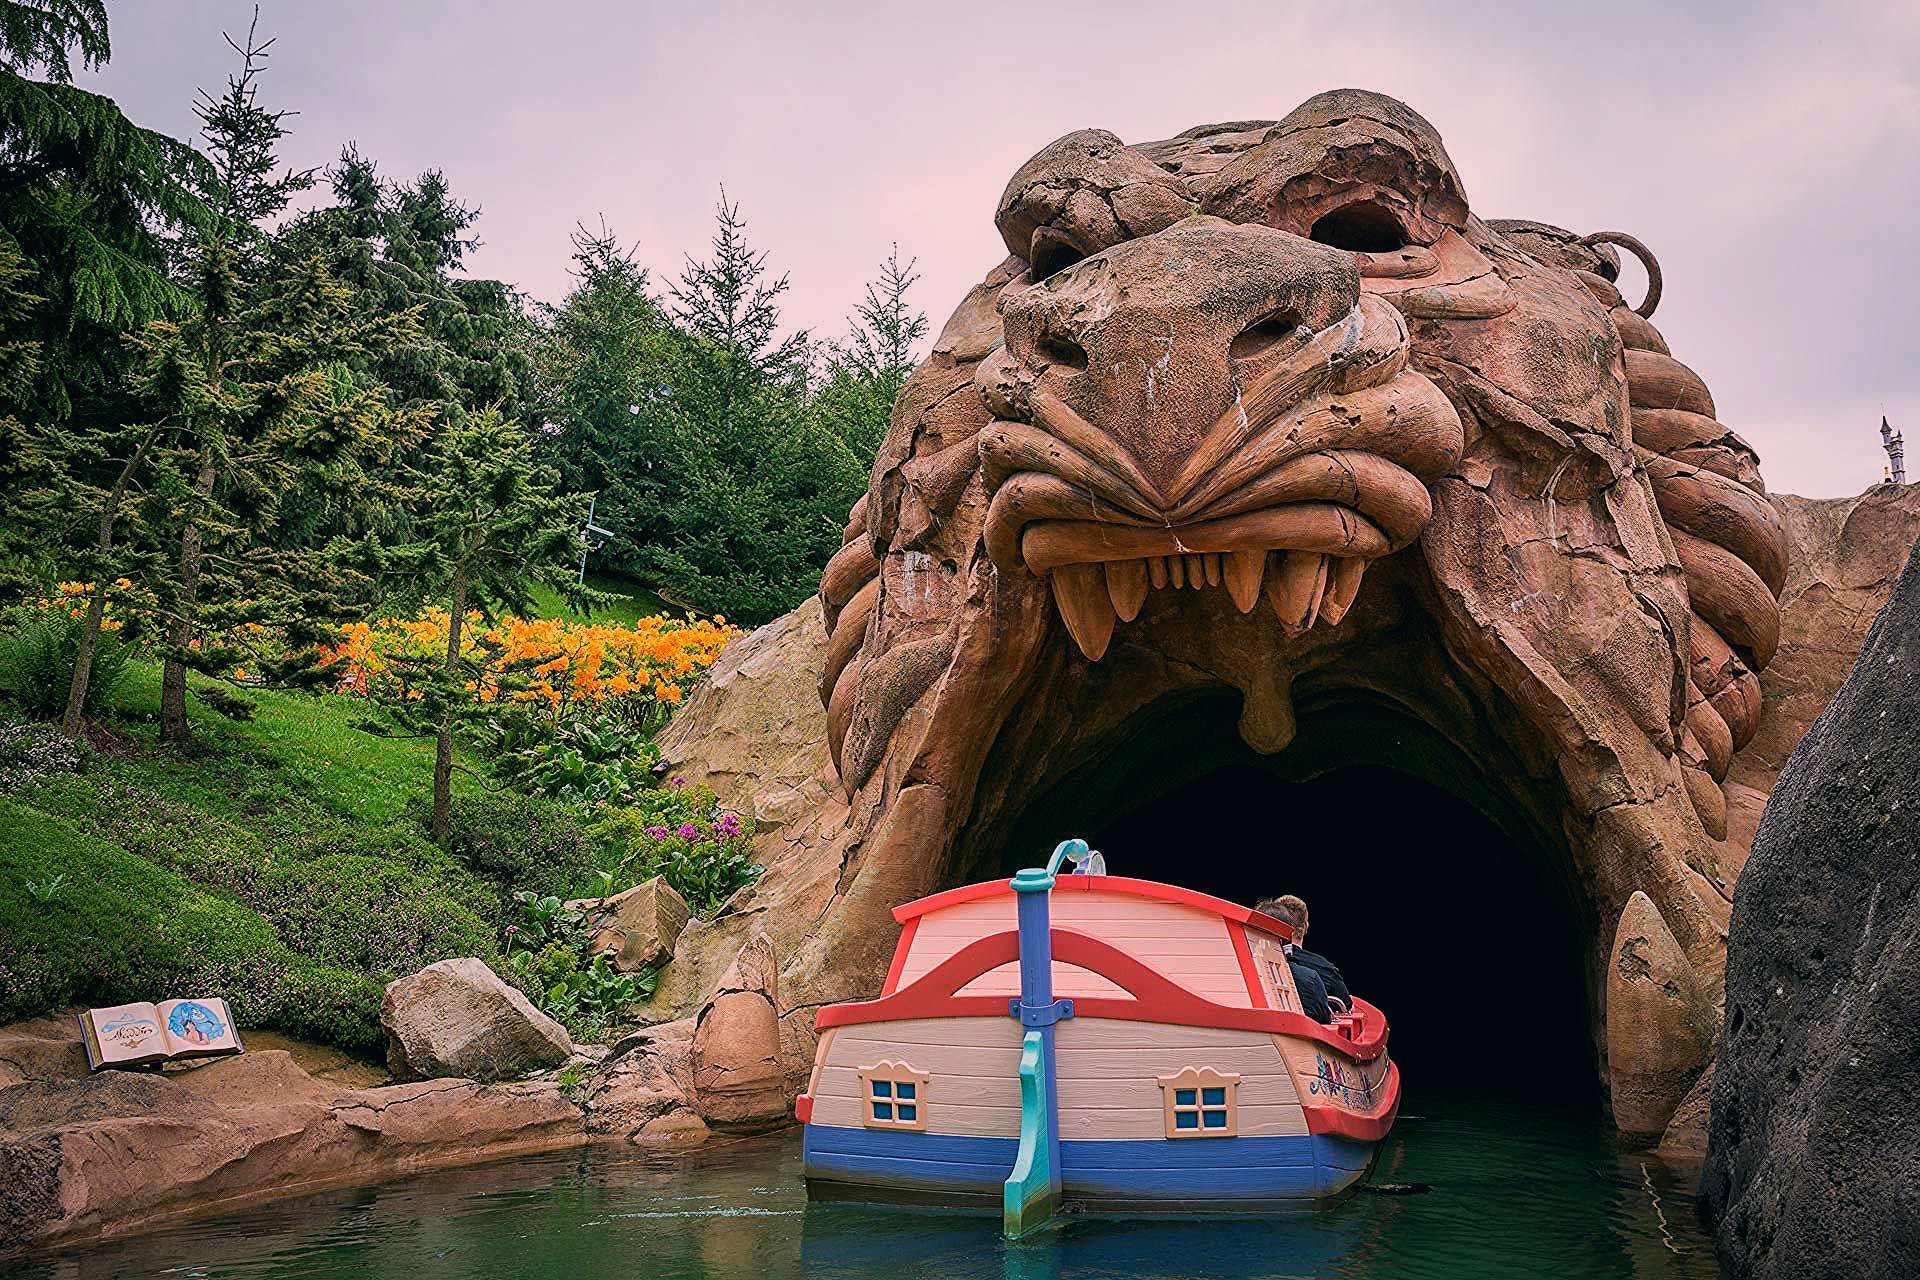 5 Reasons to Visit Disneyland Paris